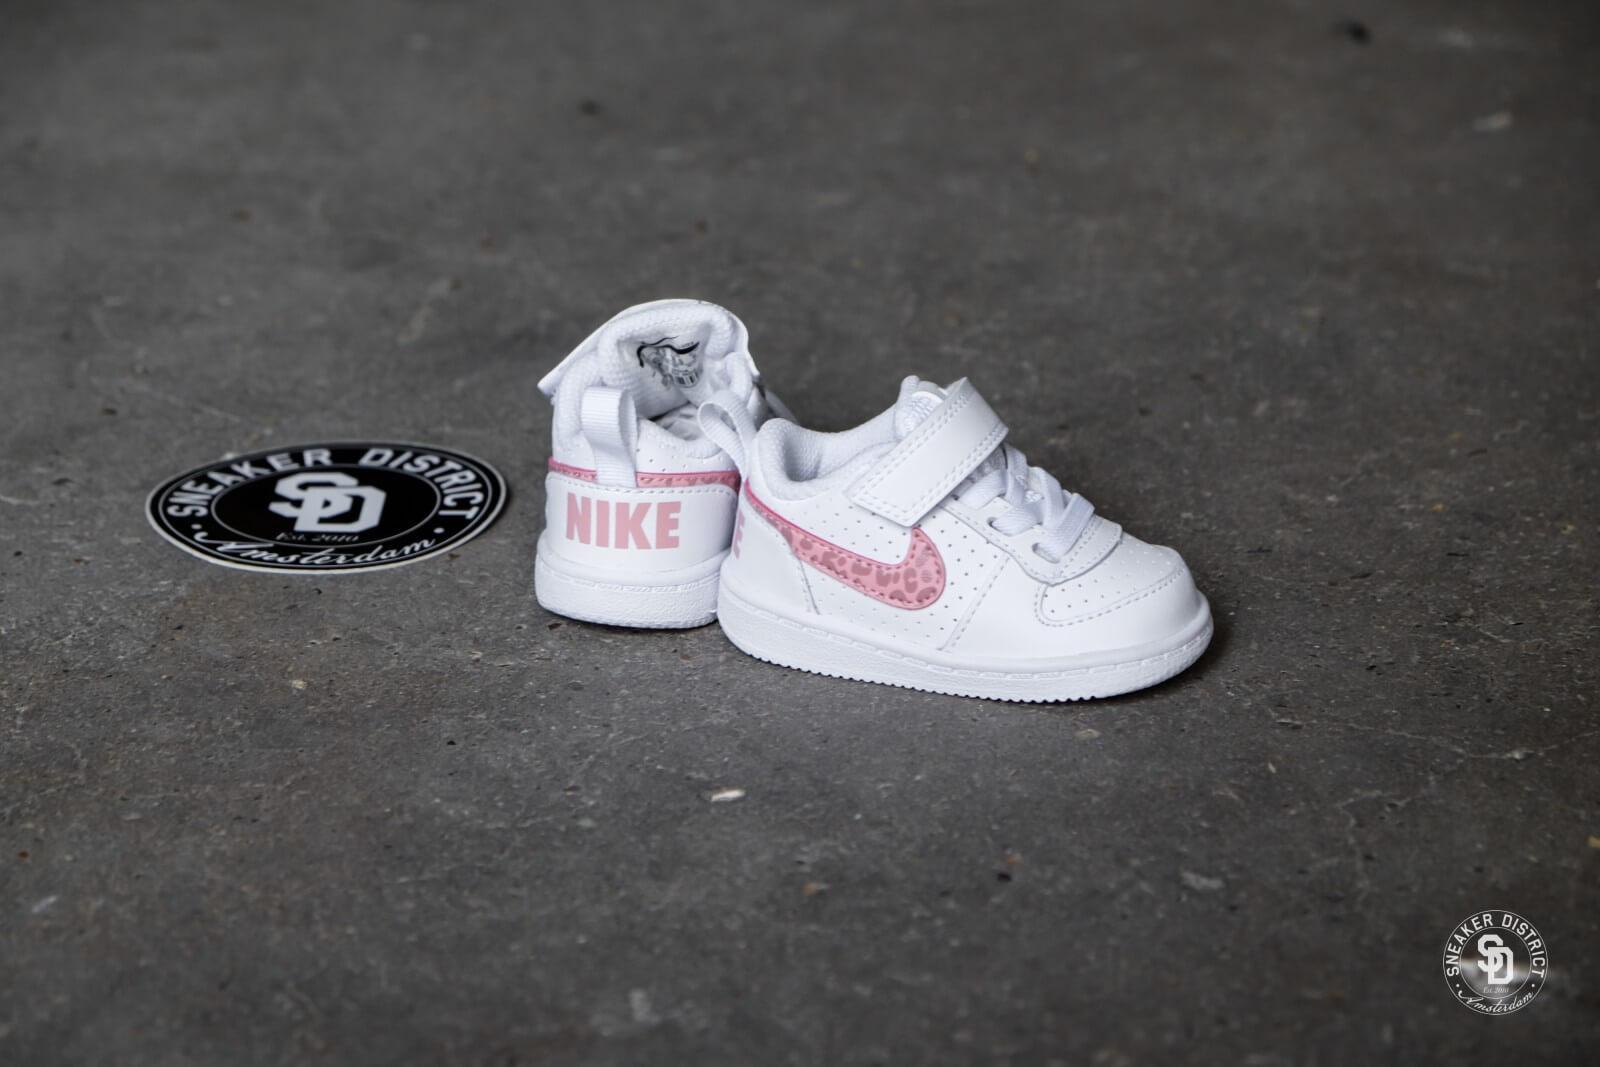 Nike Court Borough Low TD WhiteRust Pink 870030 101